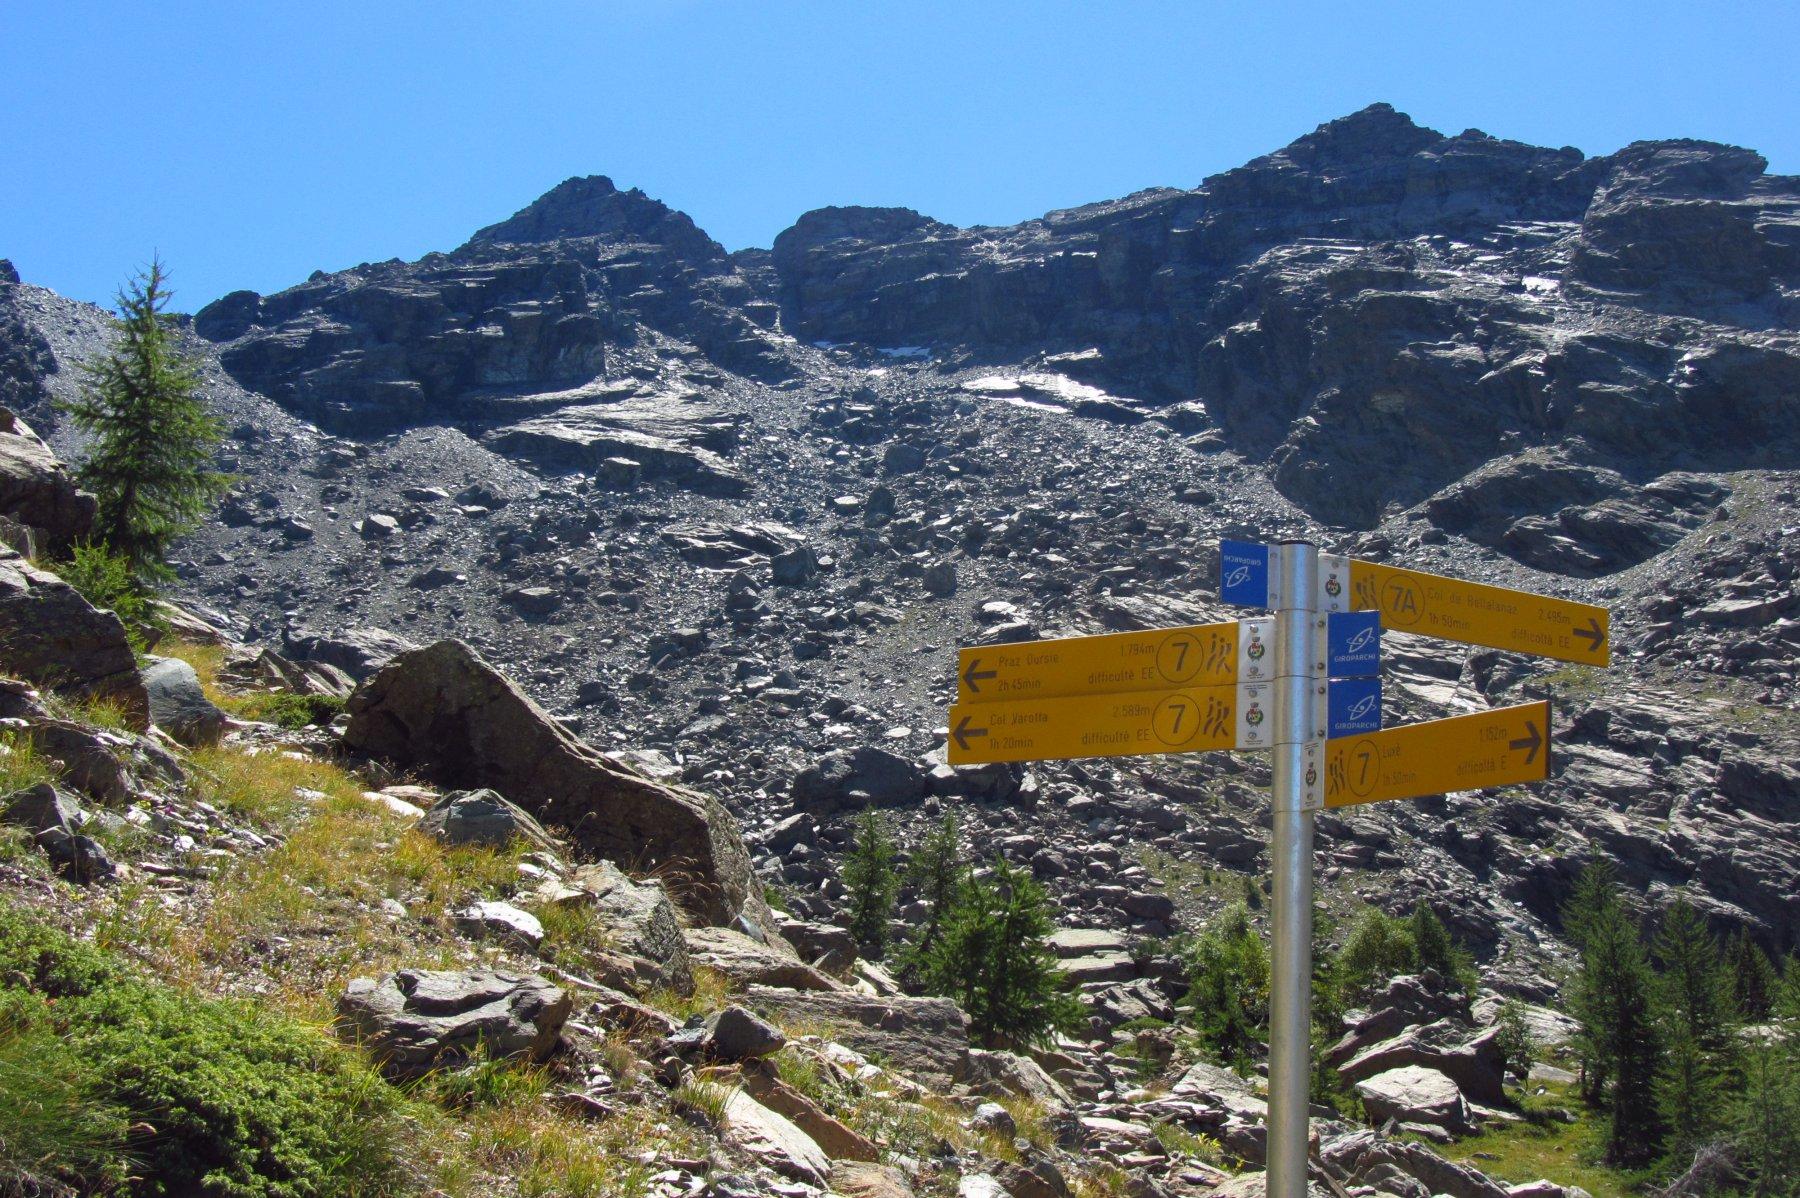 Il bivio per il colle di Bella Lana. Sullo sfondo il Mont Avic